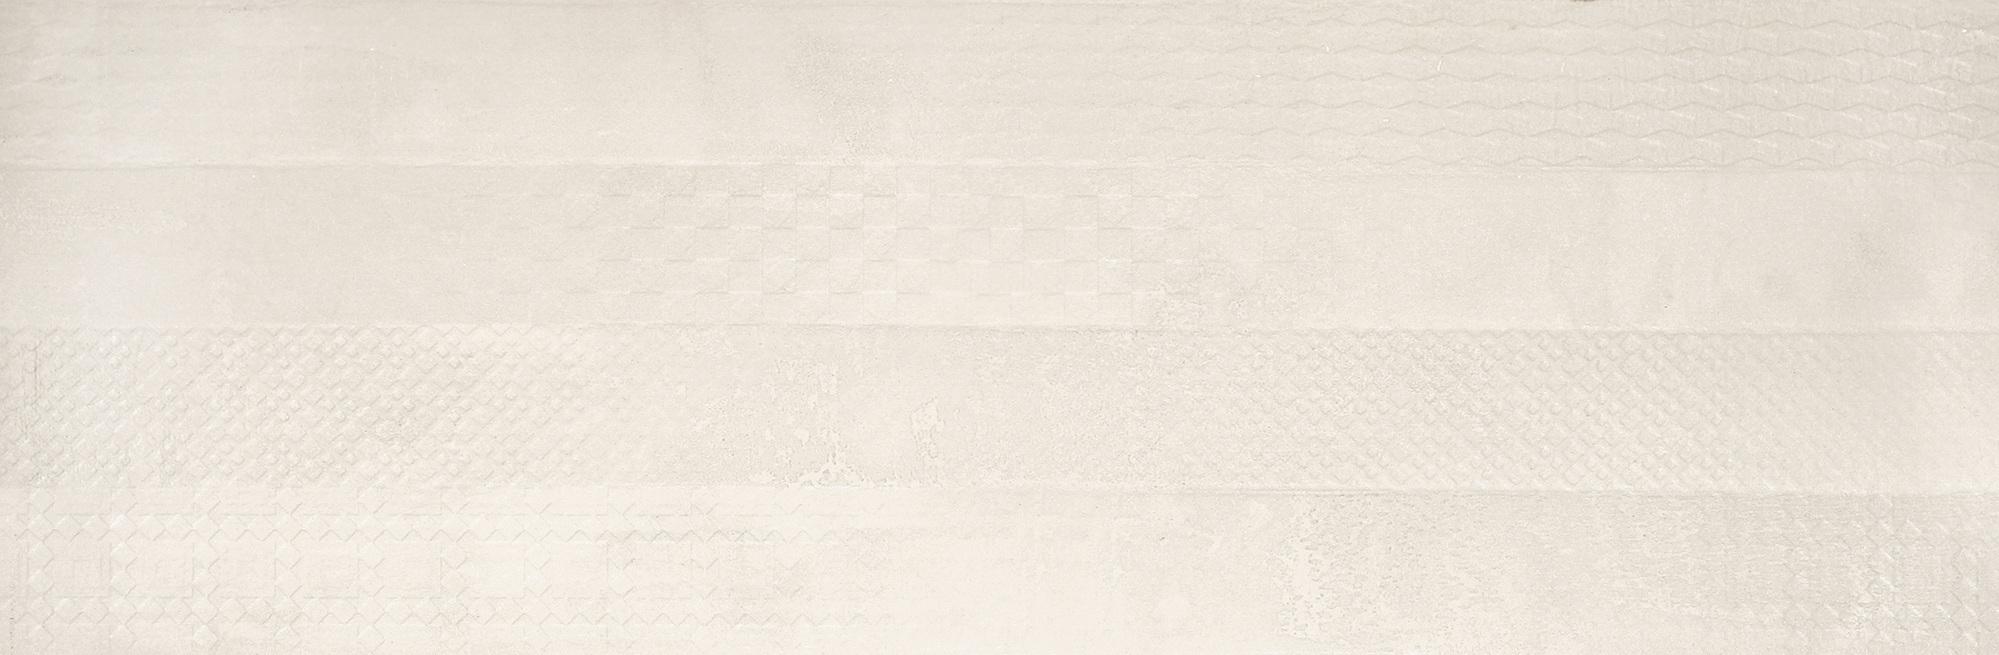 Crema (Beige)  SI.CS.CRM.1235.FUSE